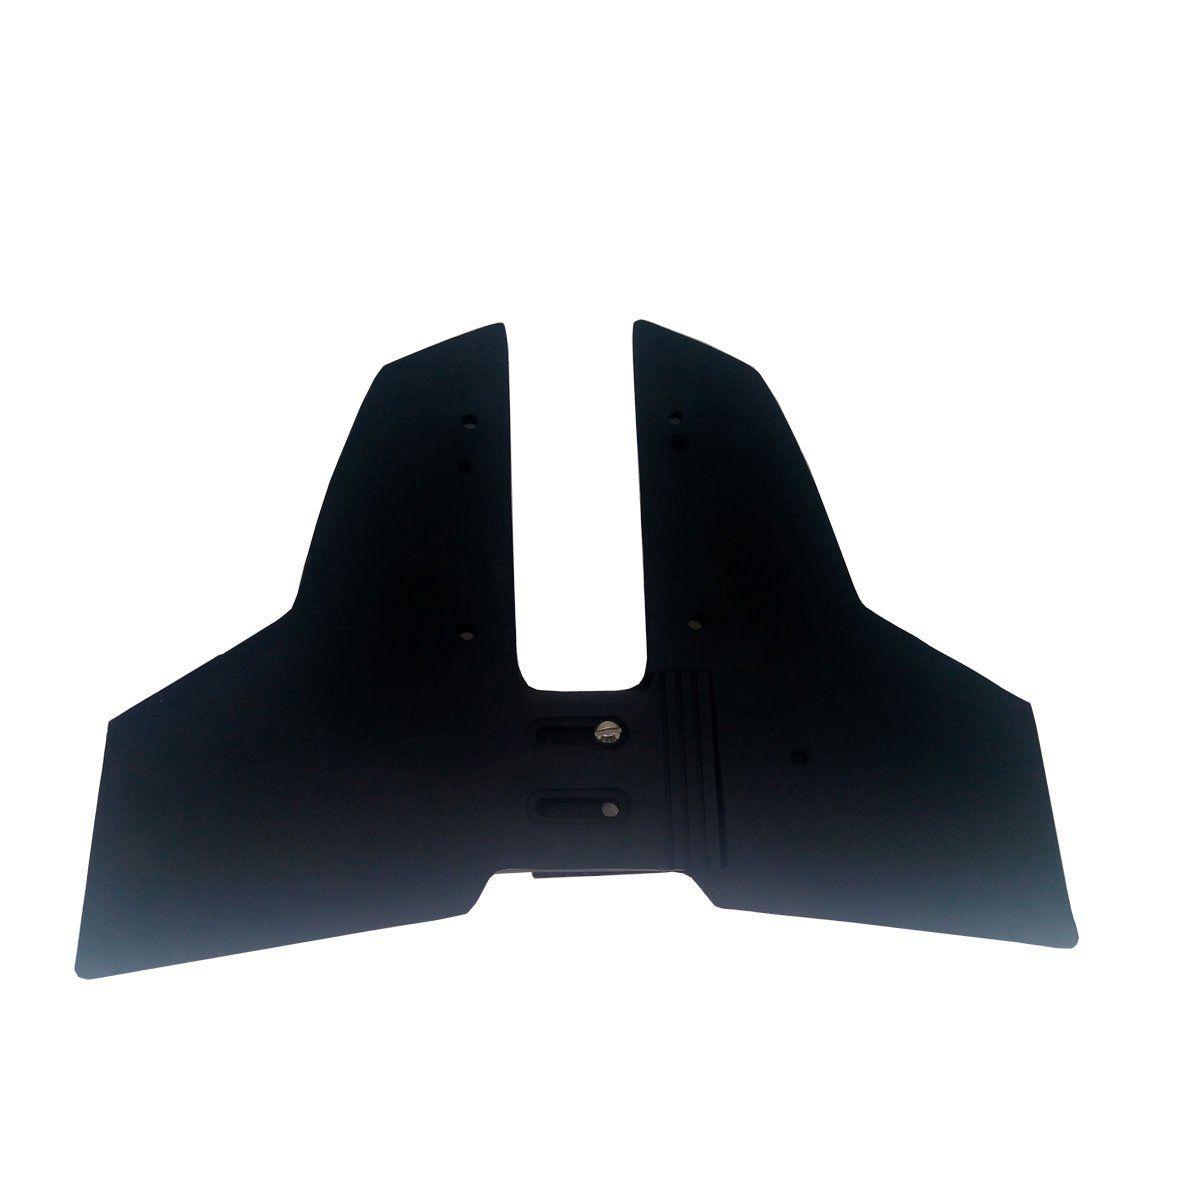 Hidrofolio de 25 HP - Cor Preta